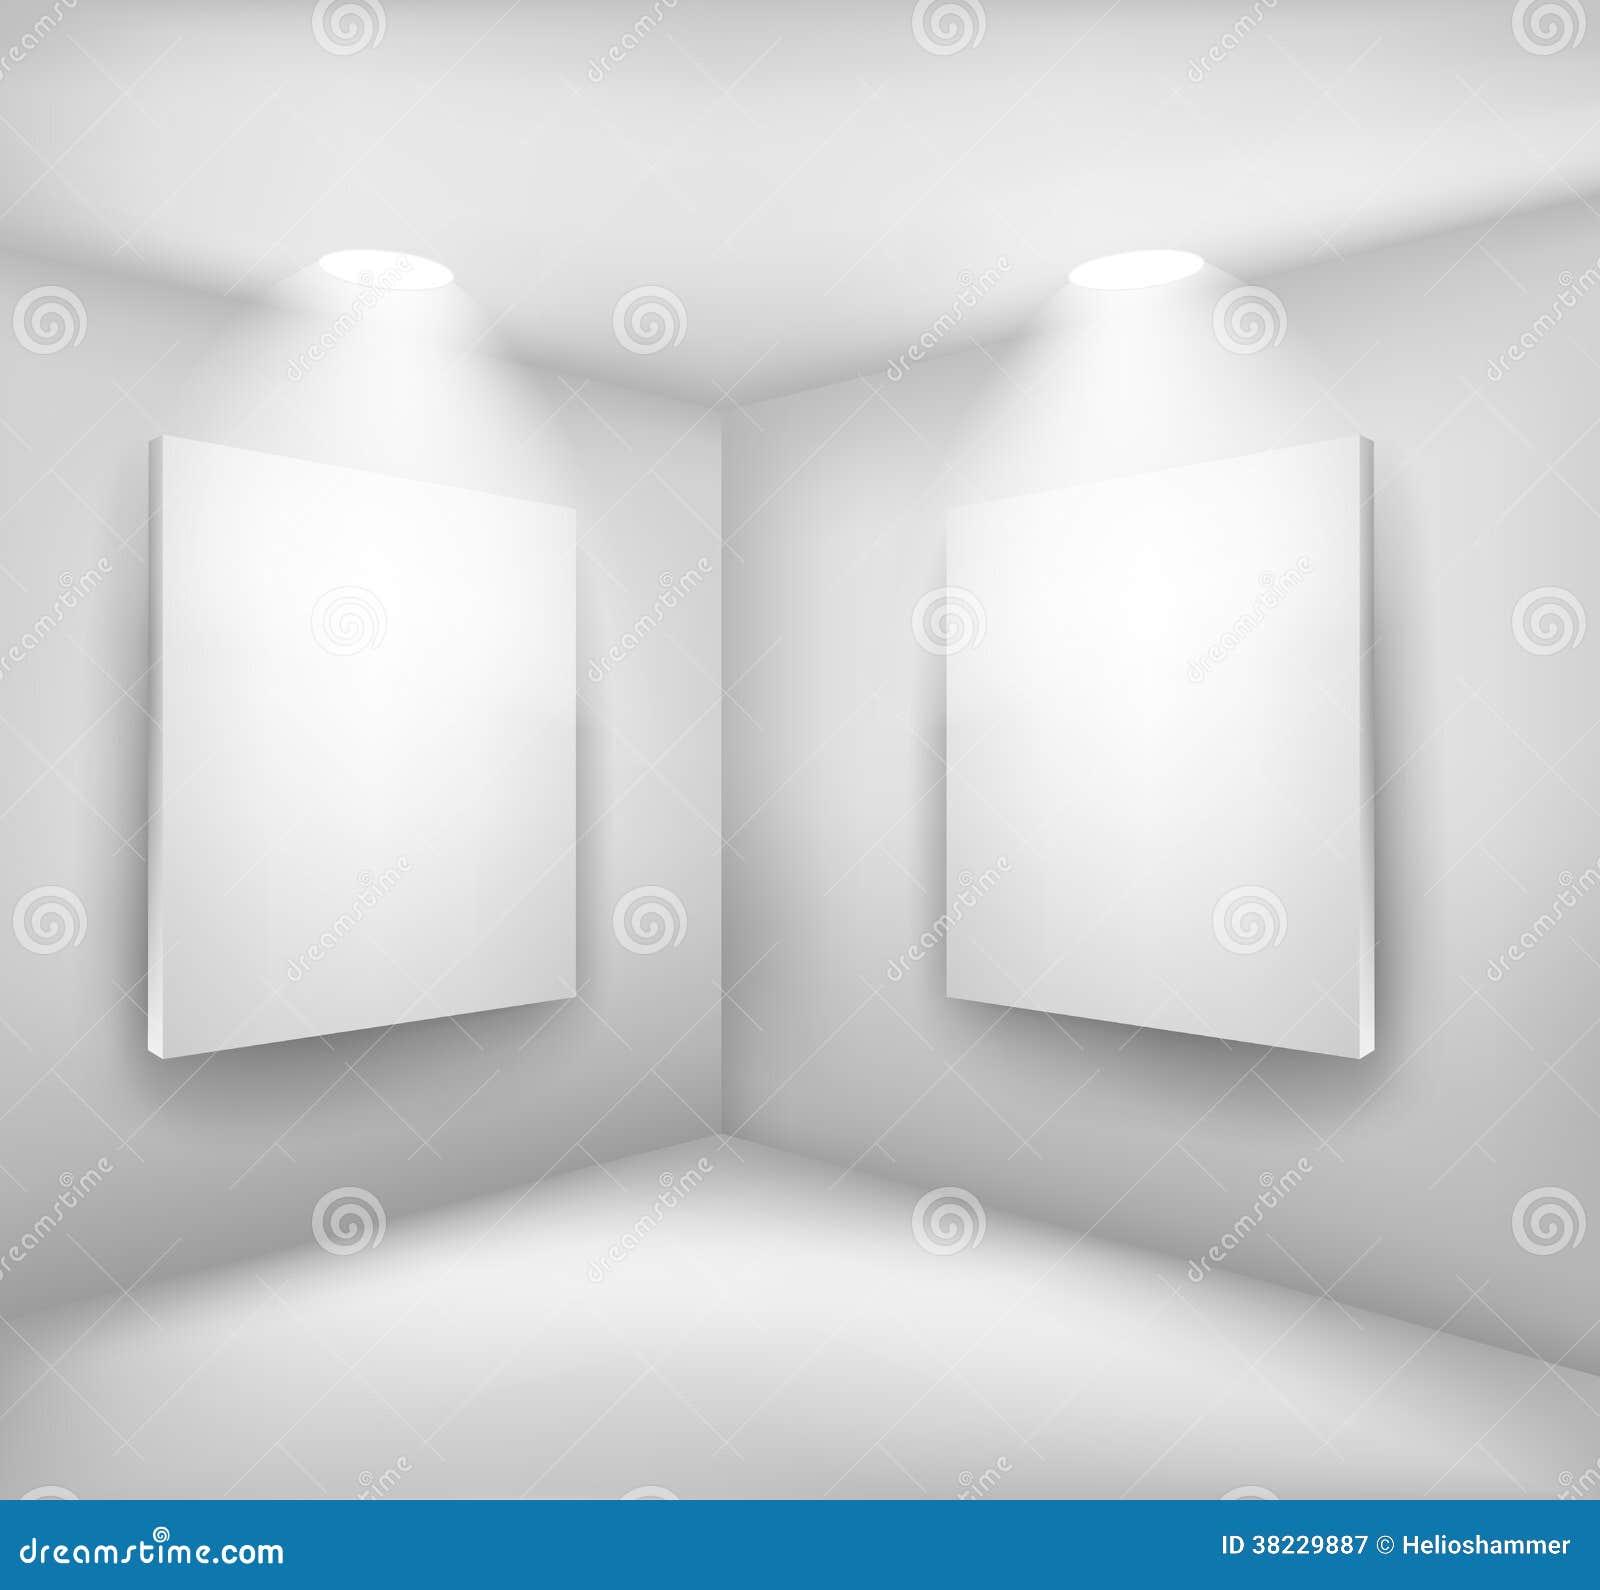 Vues dans la chambre vide illustration de vecteur image for Chambre vide